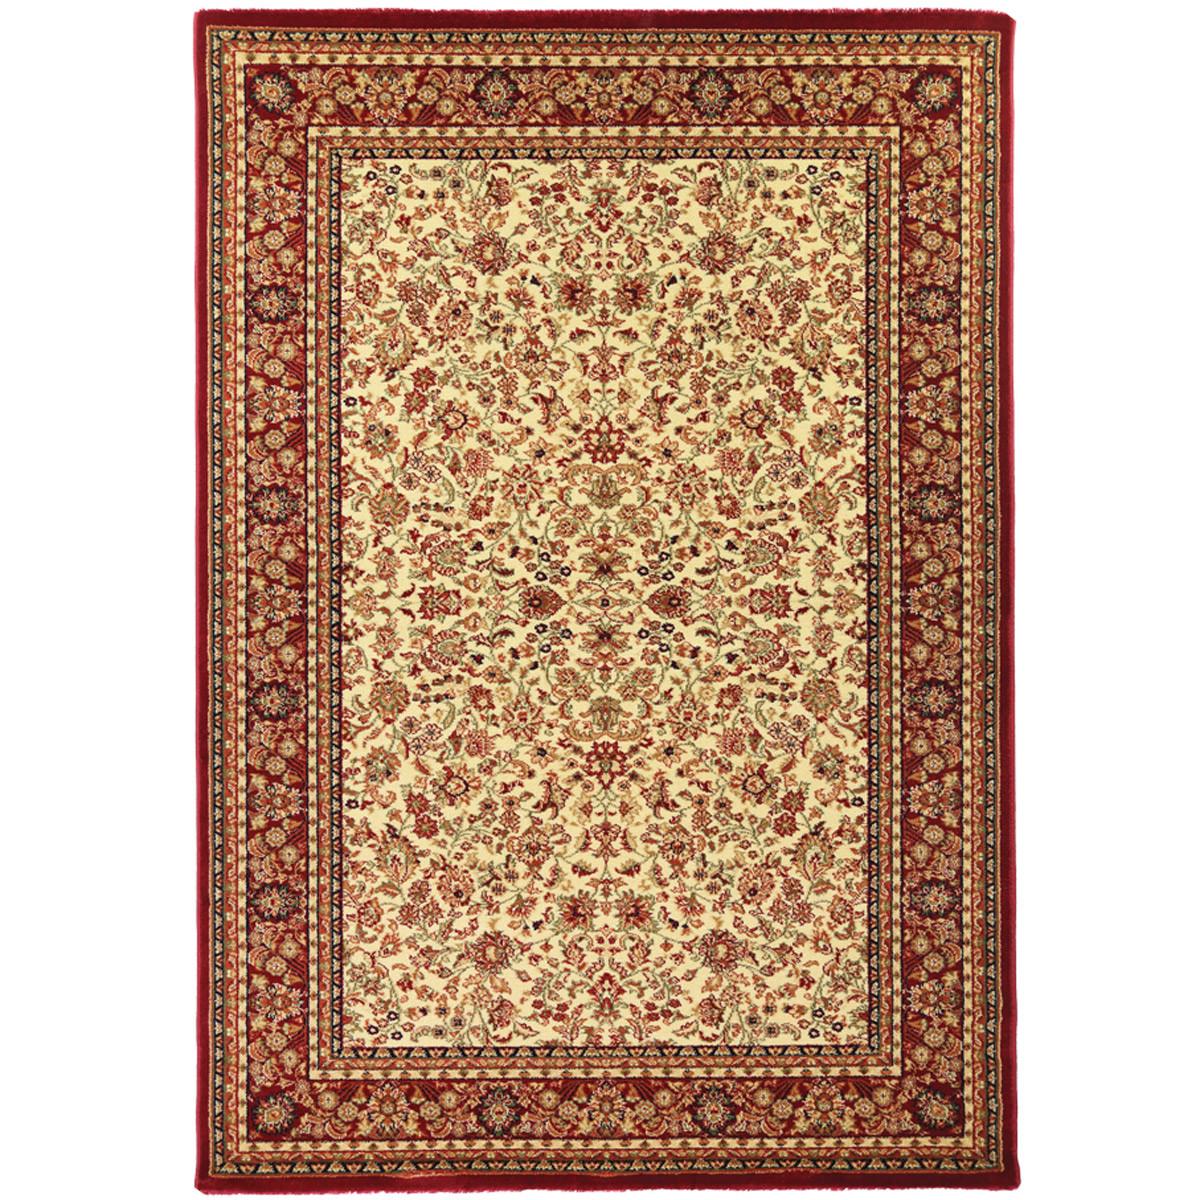 Χαλιά Κρεβατοκάμαρας (Σετ 3τμχ) Royal Carpets Olympia 8595K Crea